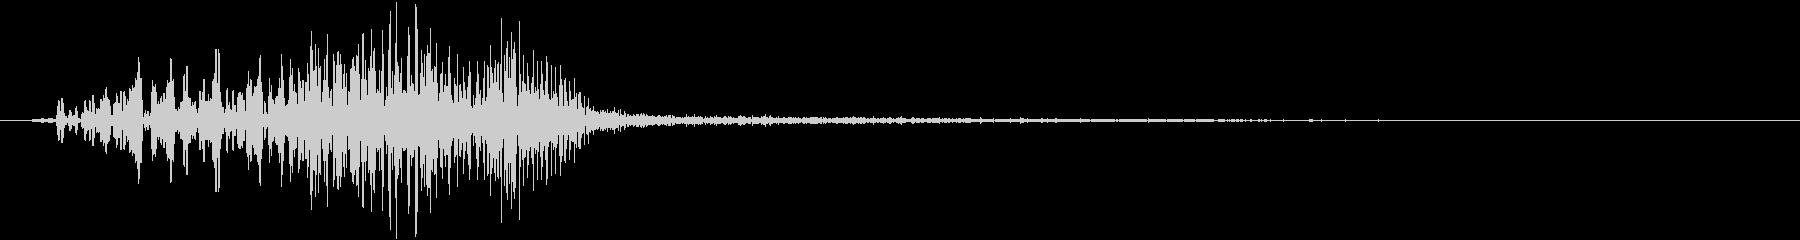 音楽効果;短いシンセサイザーボタン。の未再生の波形